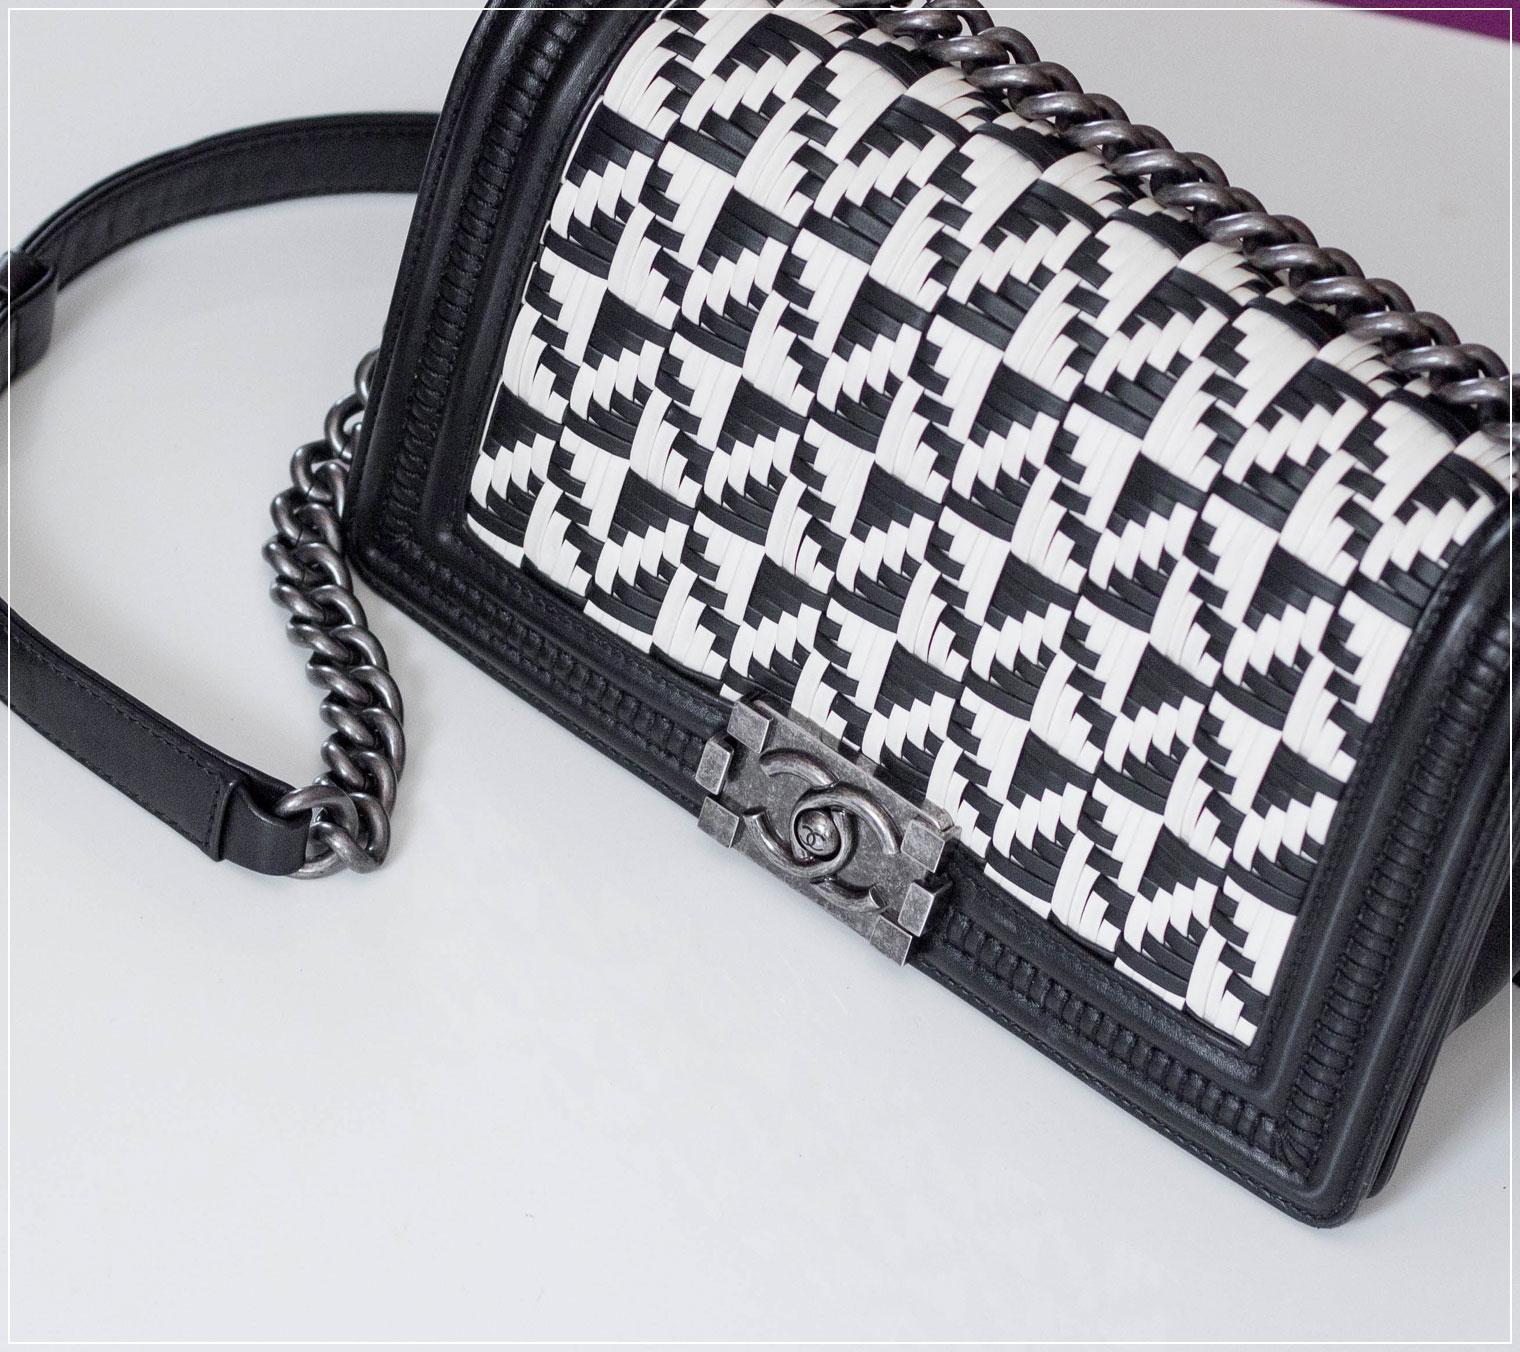 Vintage-Handtasche, Shopping-Tipps, Designer-Handtasche, Vintage-Chanel, preloved Designerteil, Fashionblog, Vintage Chanel Boy Bag, Online-Vintage-Shop, Vintage Tasche online kaufen